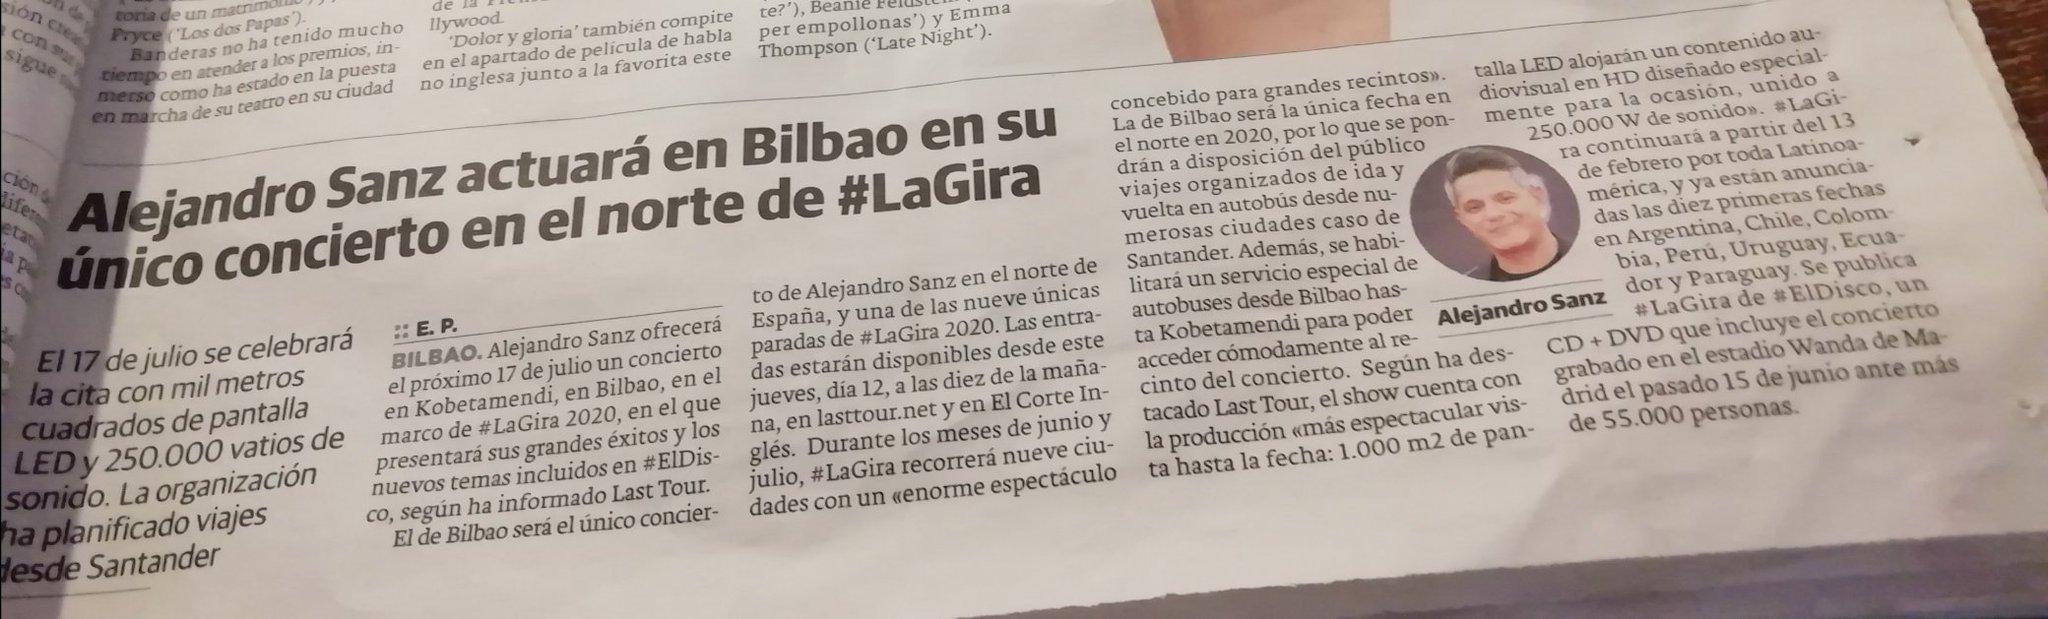 CULTURA ROCKERA 2.0: en Bilbao últimamente las giras no funcionan - Página 18 ELc2RSFWkA4fs_L